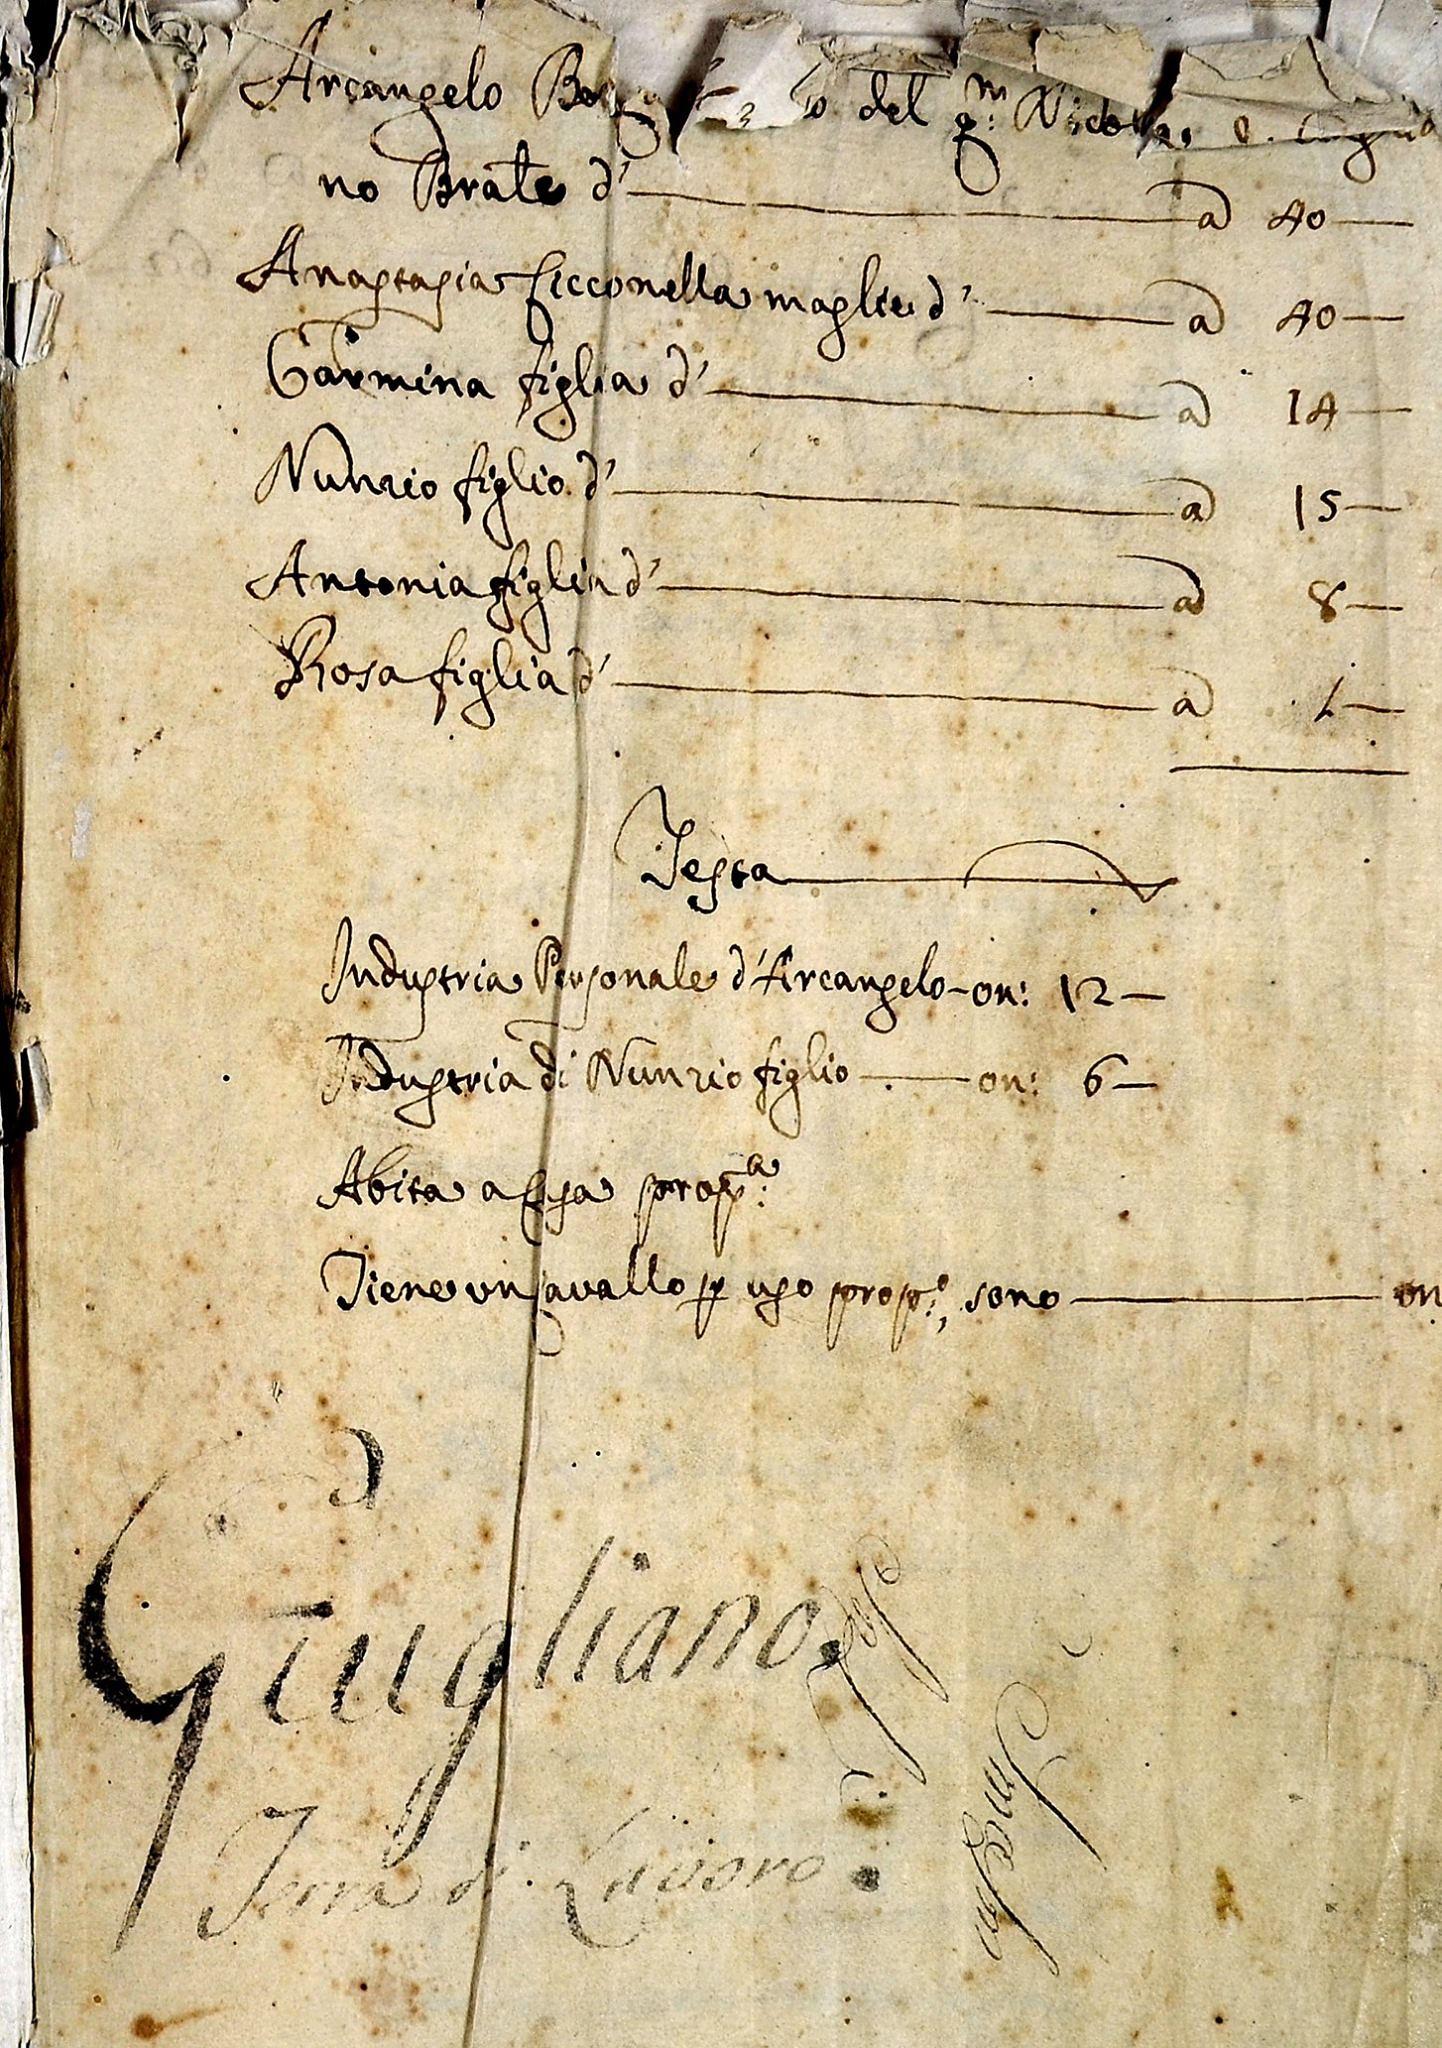 Qualche curiosità tratta dal catasto onciario del 1753 a